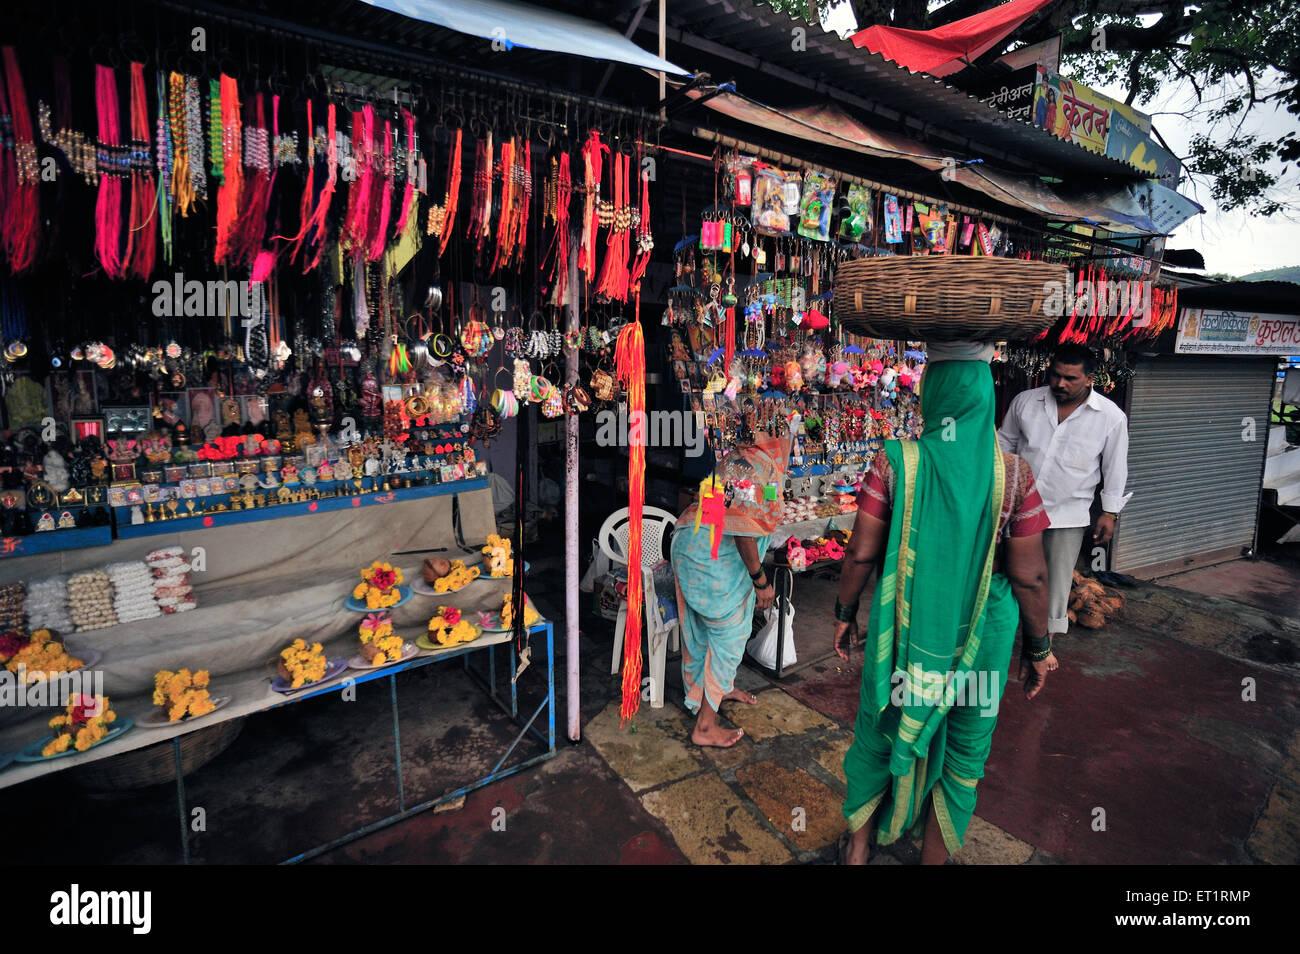 Shop von Material für den Gottesdienst in Samara Maharashtra Indien Asien Stockbild